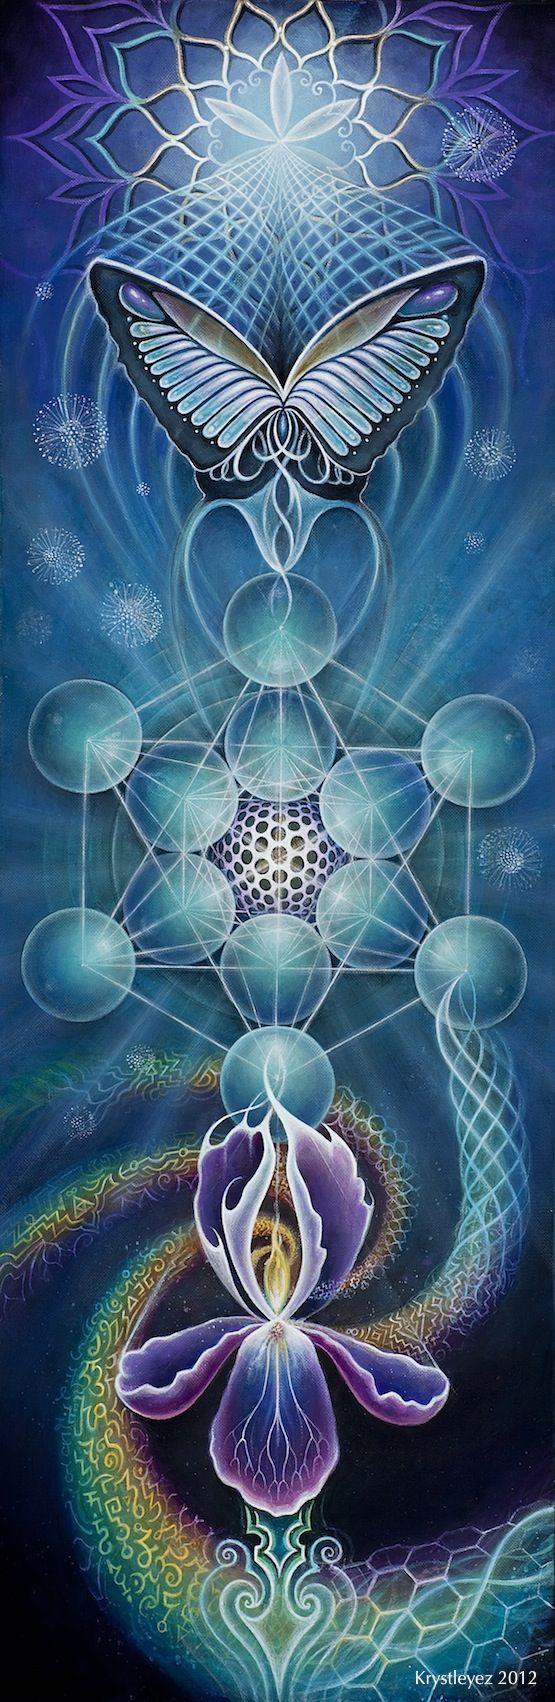 Chrysalis, de la colección Sacred Geometry.